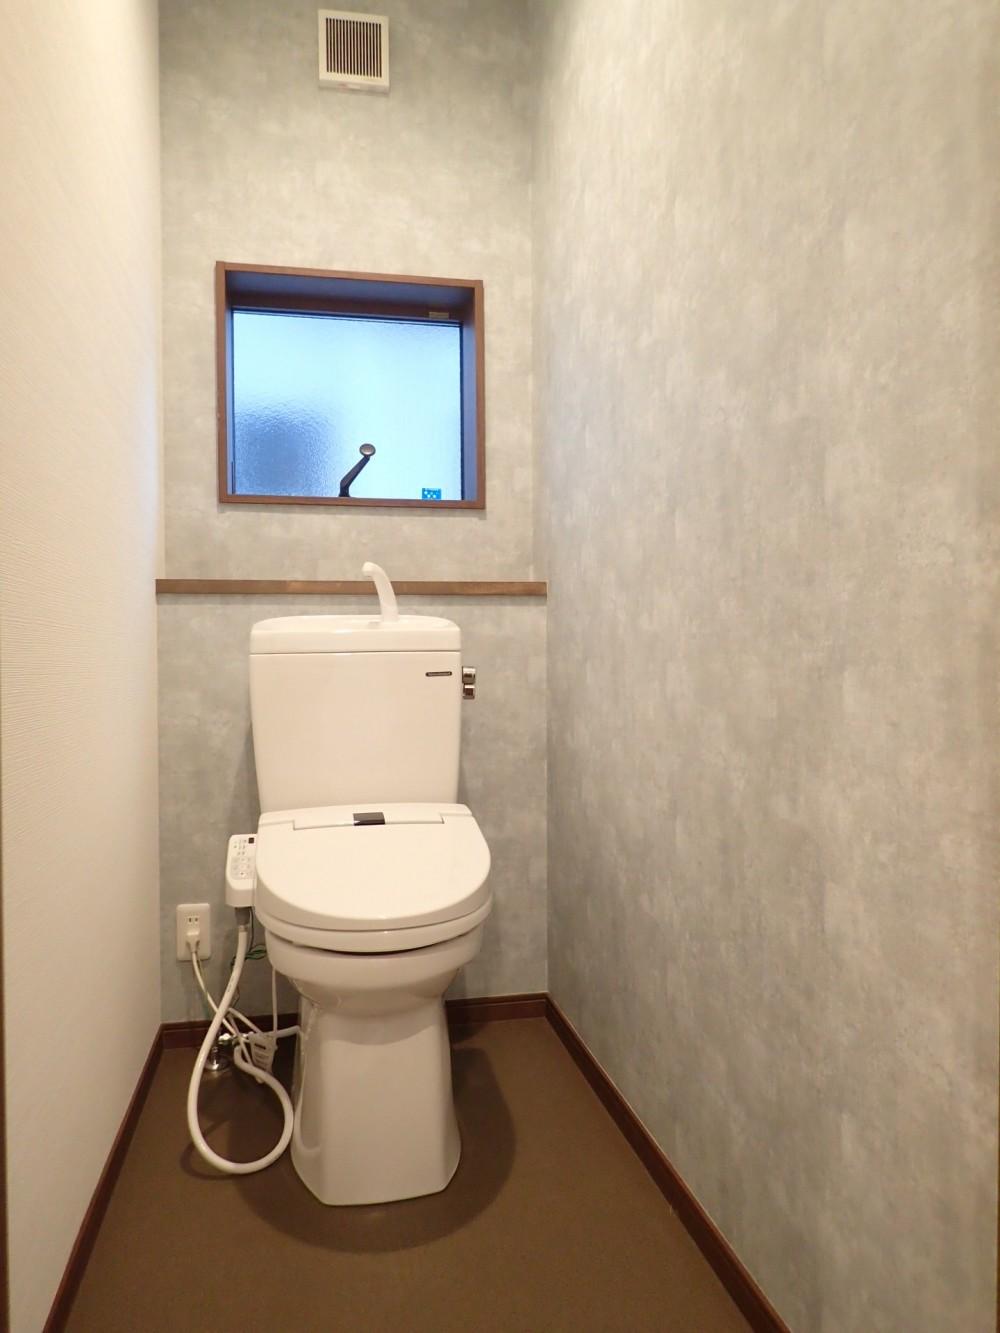 ダブル断熱で一年中快適♪ナチュラルモダンなお家 (トイレ)